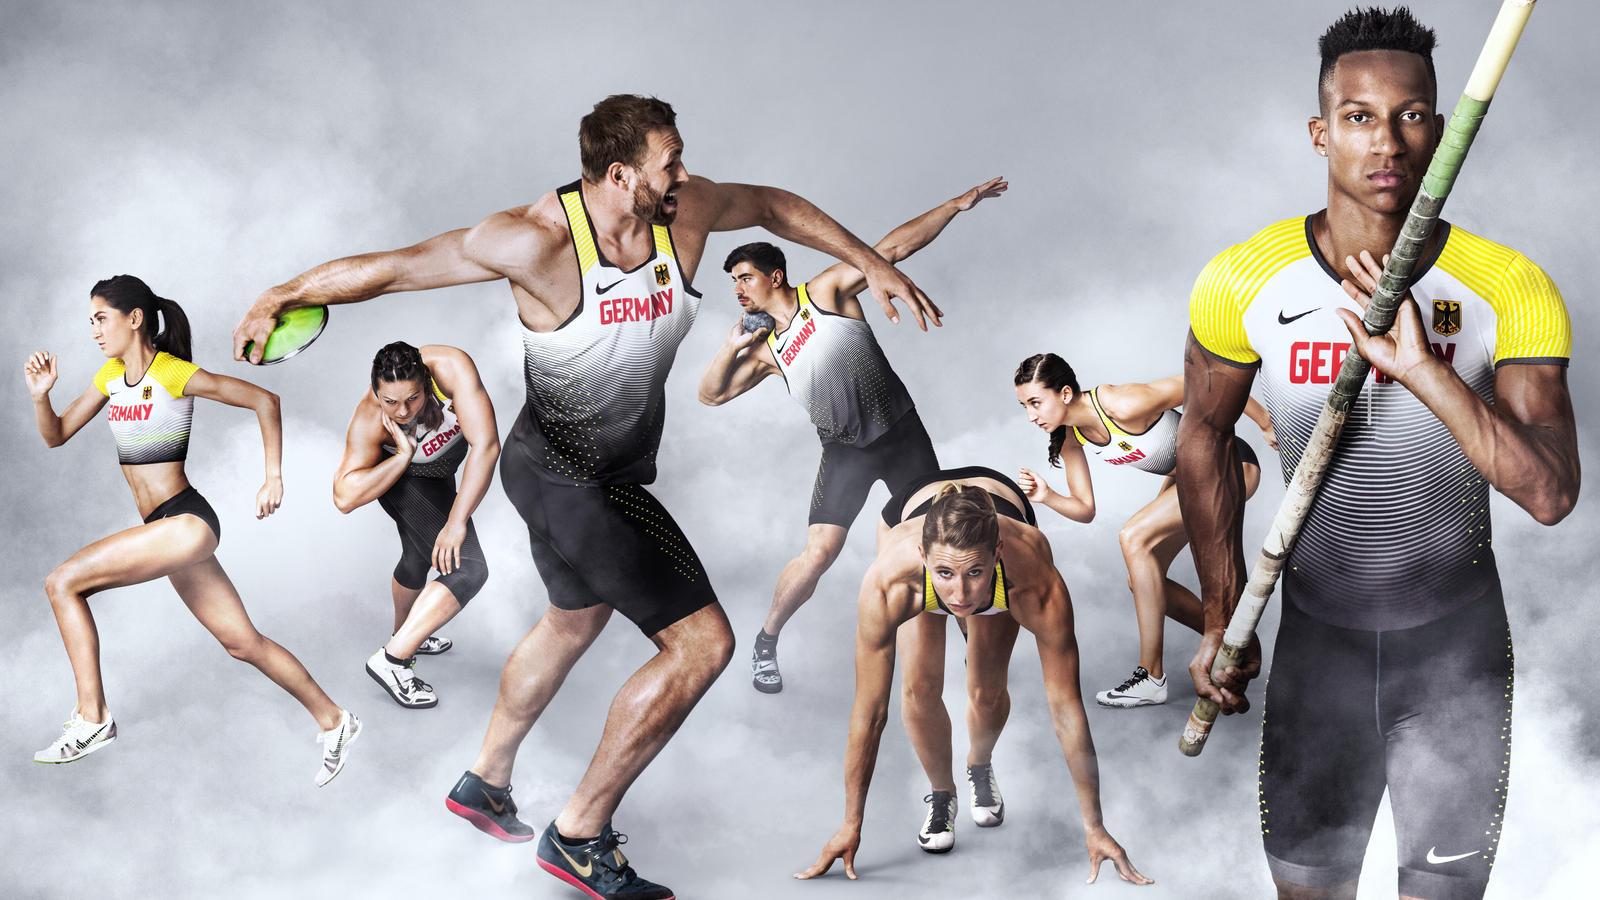 d95261022572a Germany 2016 Nike Vapor Track & Field Kits - Nike News